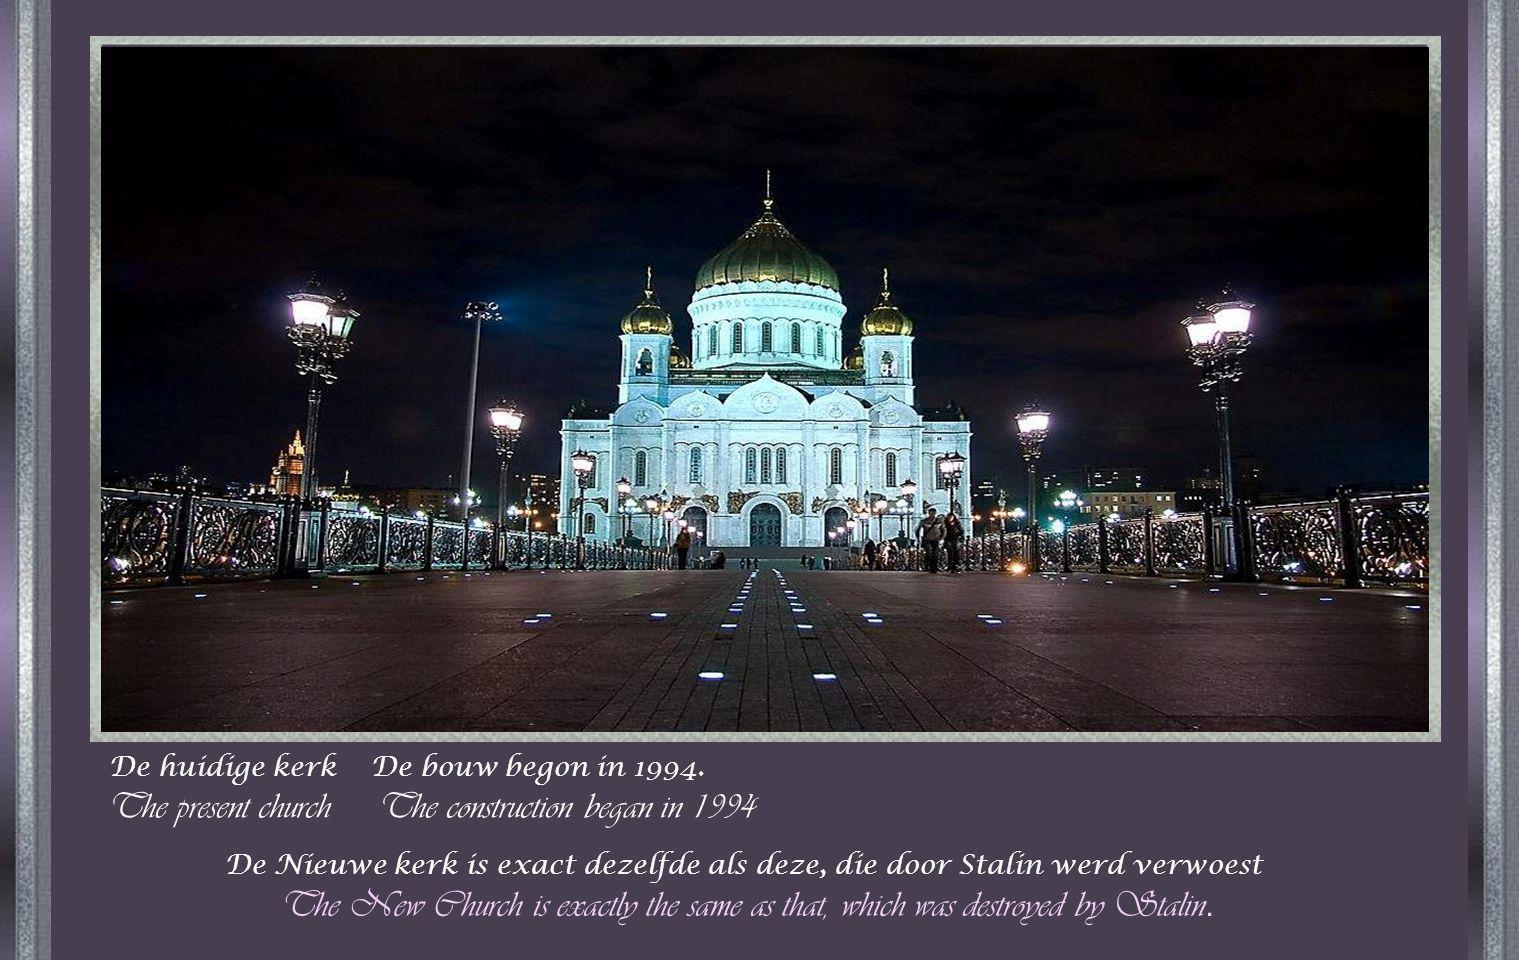 De officiële foto Official and original photo Op 5 december 1931 werd deze kerk op bevel van Stalin gedynamiteerd.